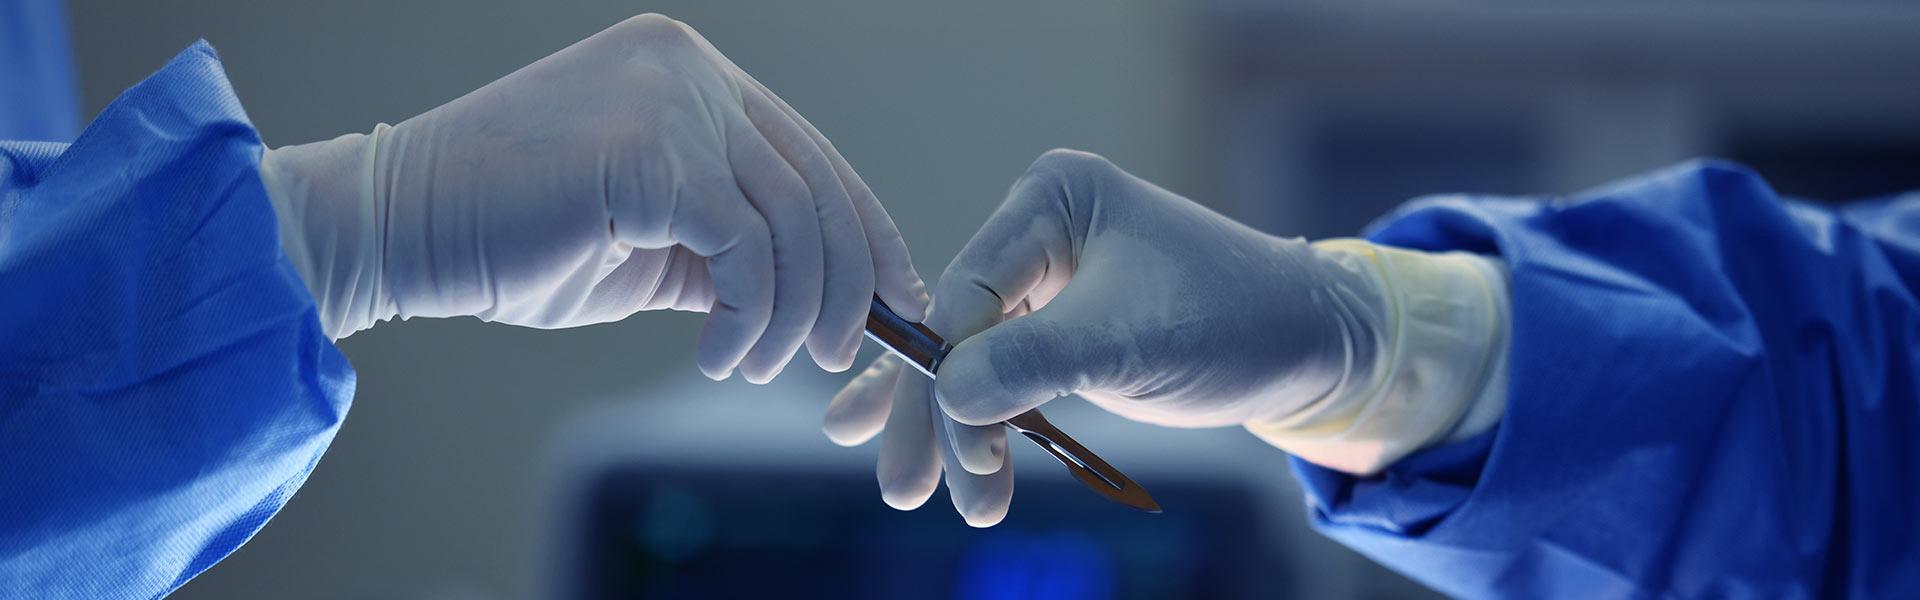 Sebész-, érsebész és európai transzplantációs sebész szakorvos Pécs